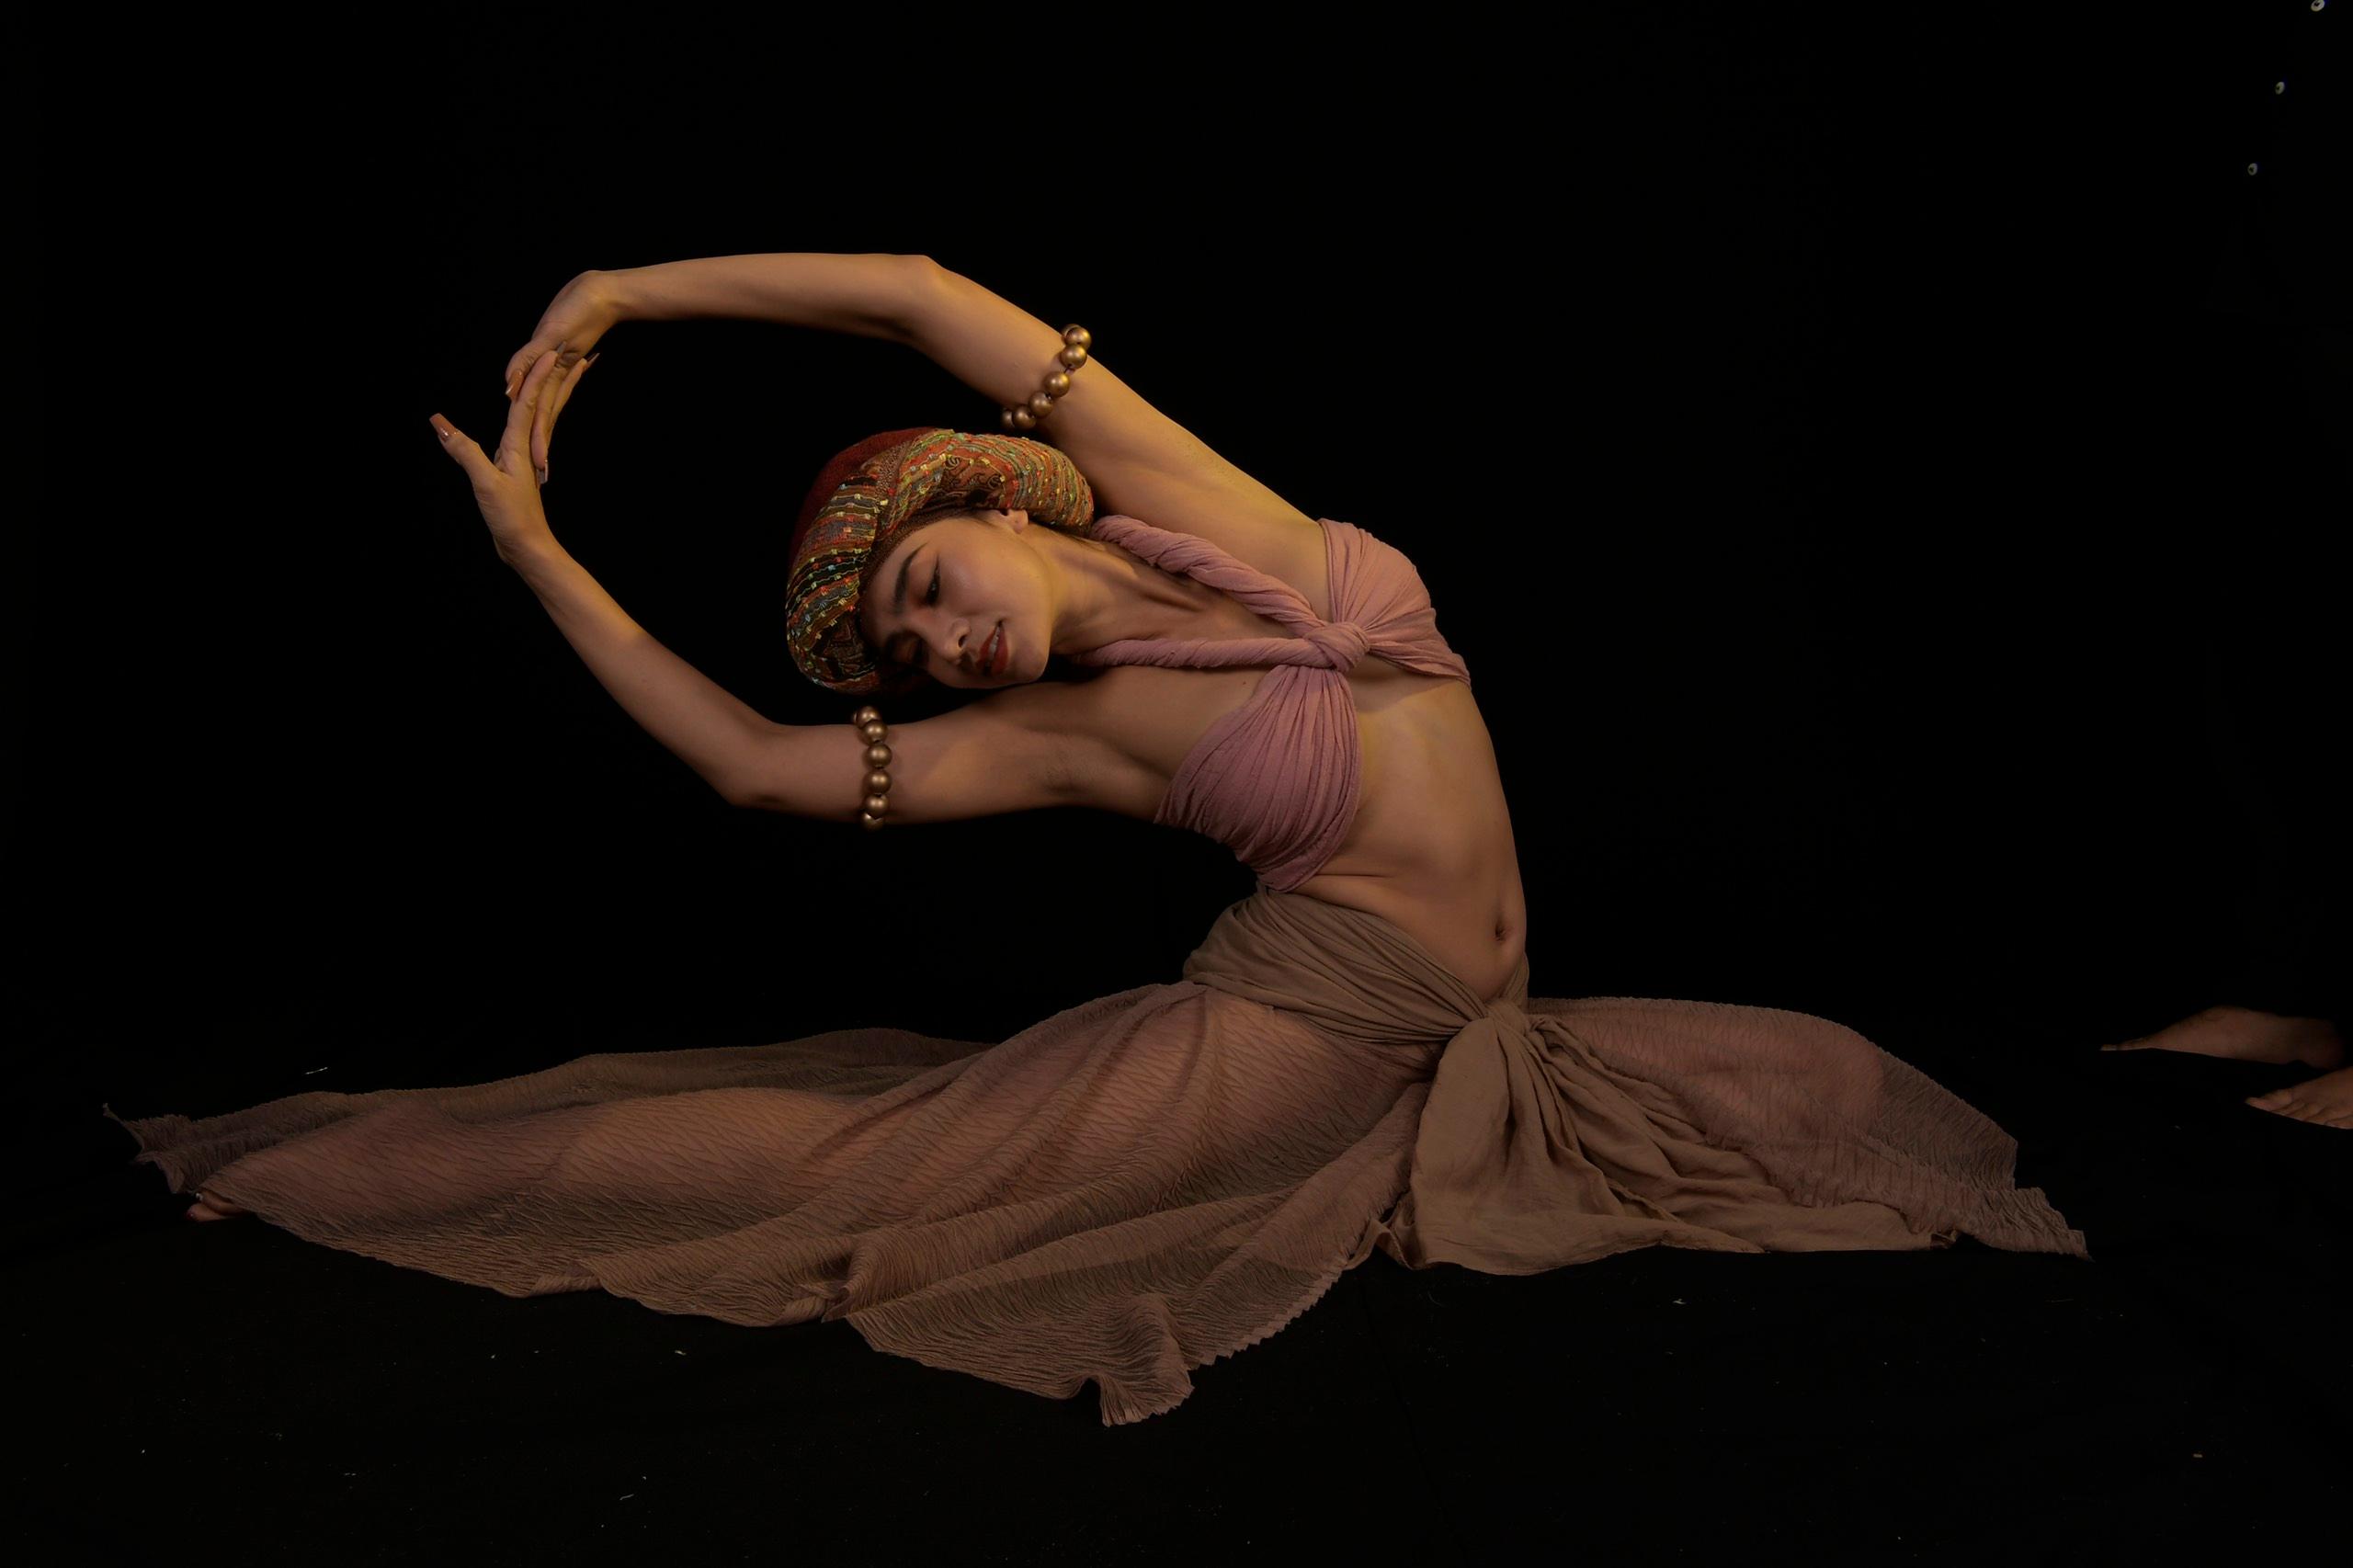 Yến Dân – Chủ nhiệm An Yoga – Giám đốc Học viên Yoga Sống Khỏe tâm Sắc vẹn toàn